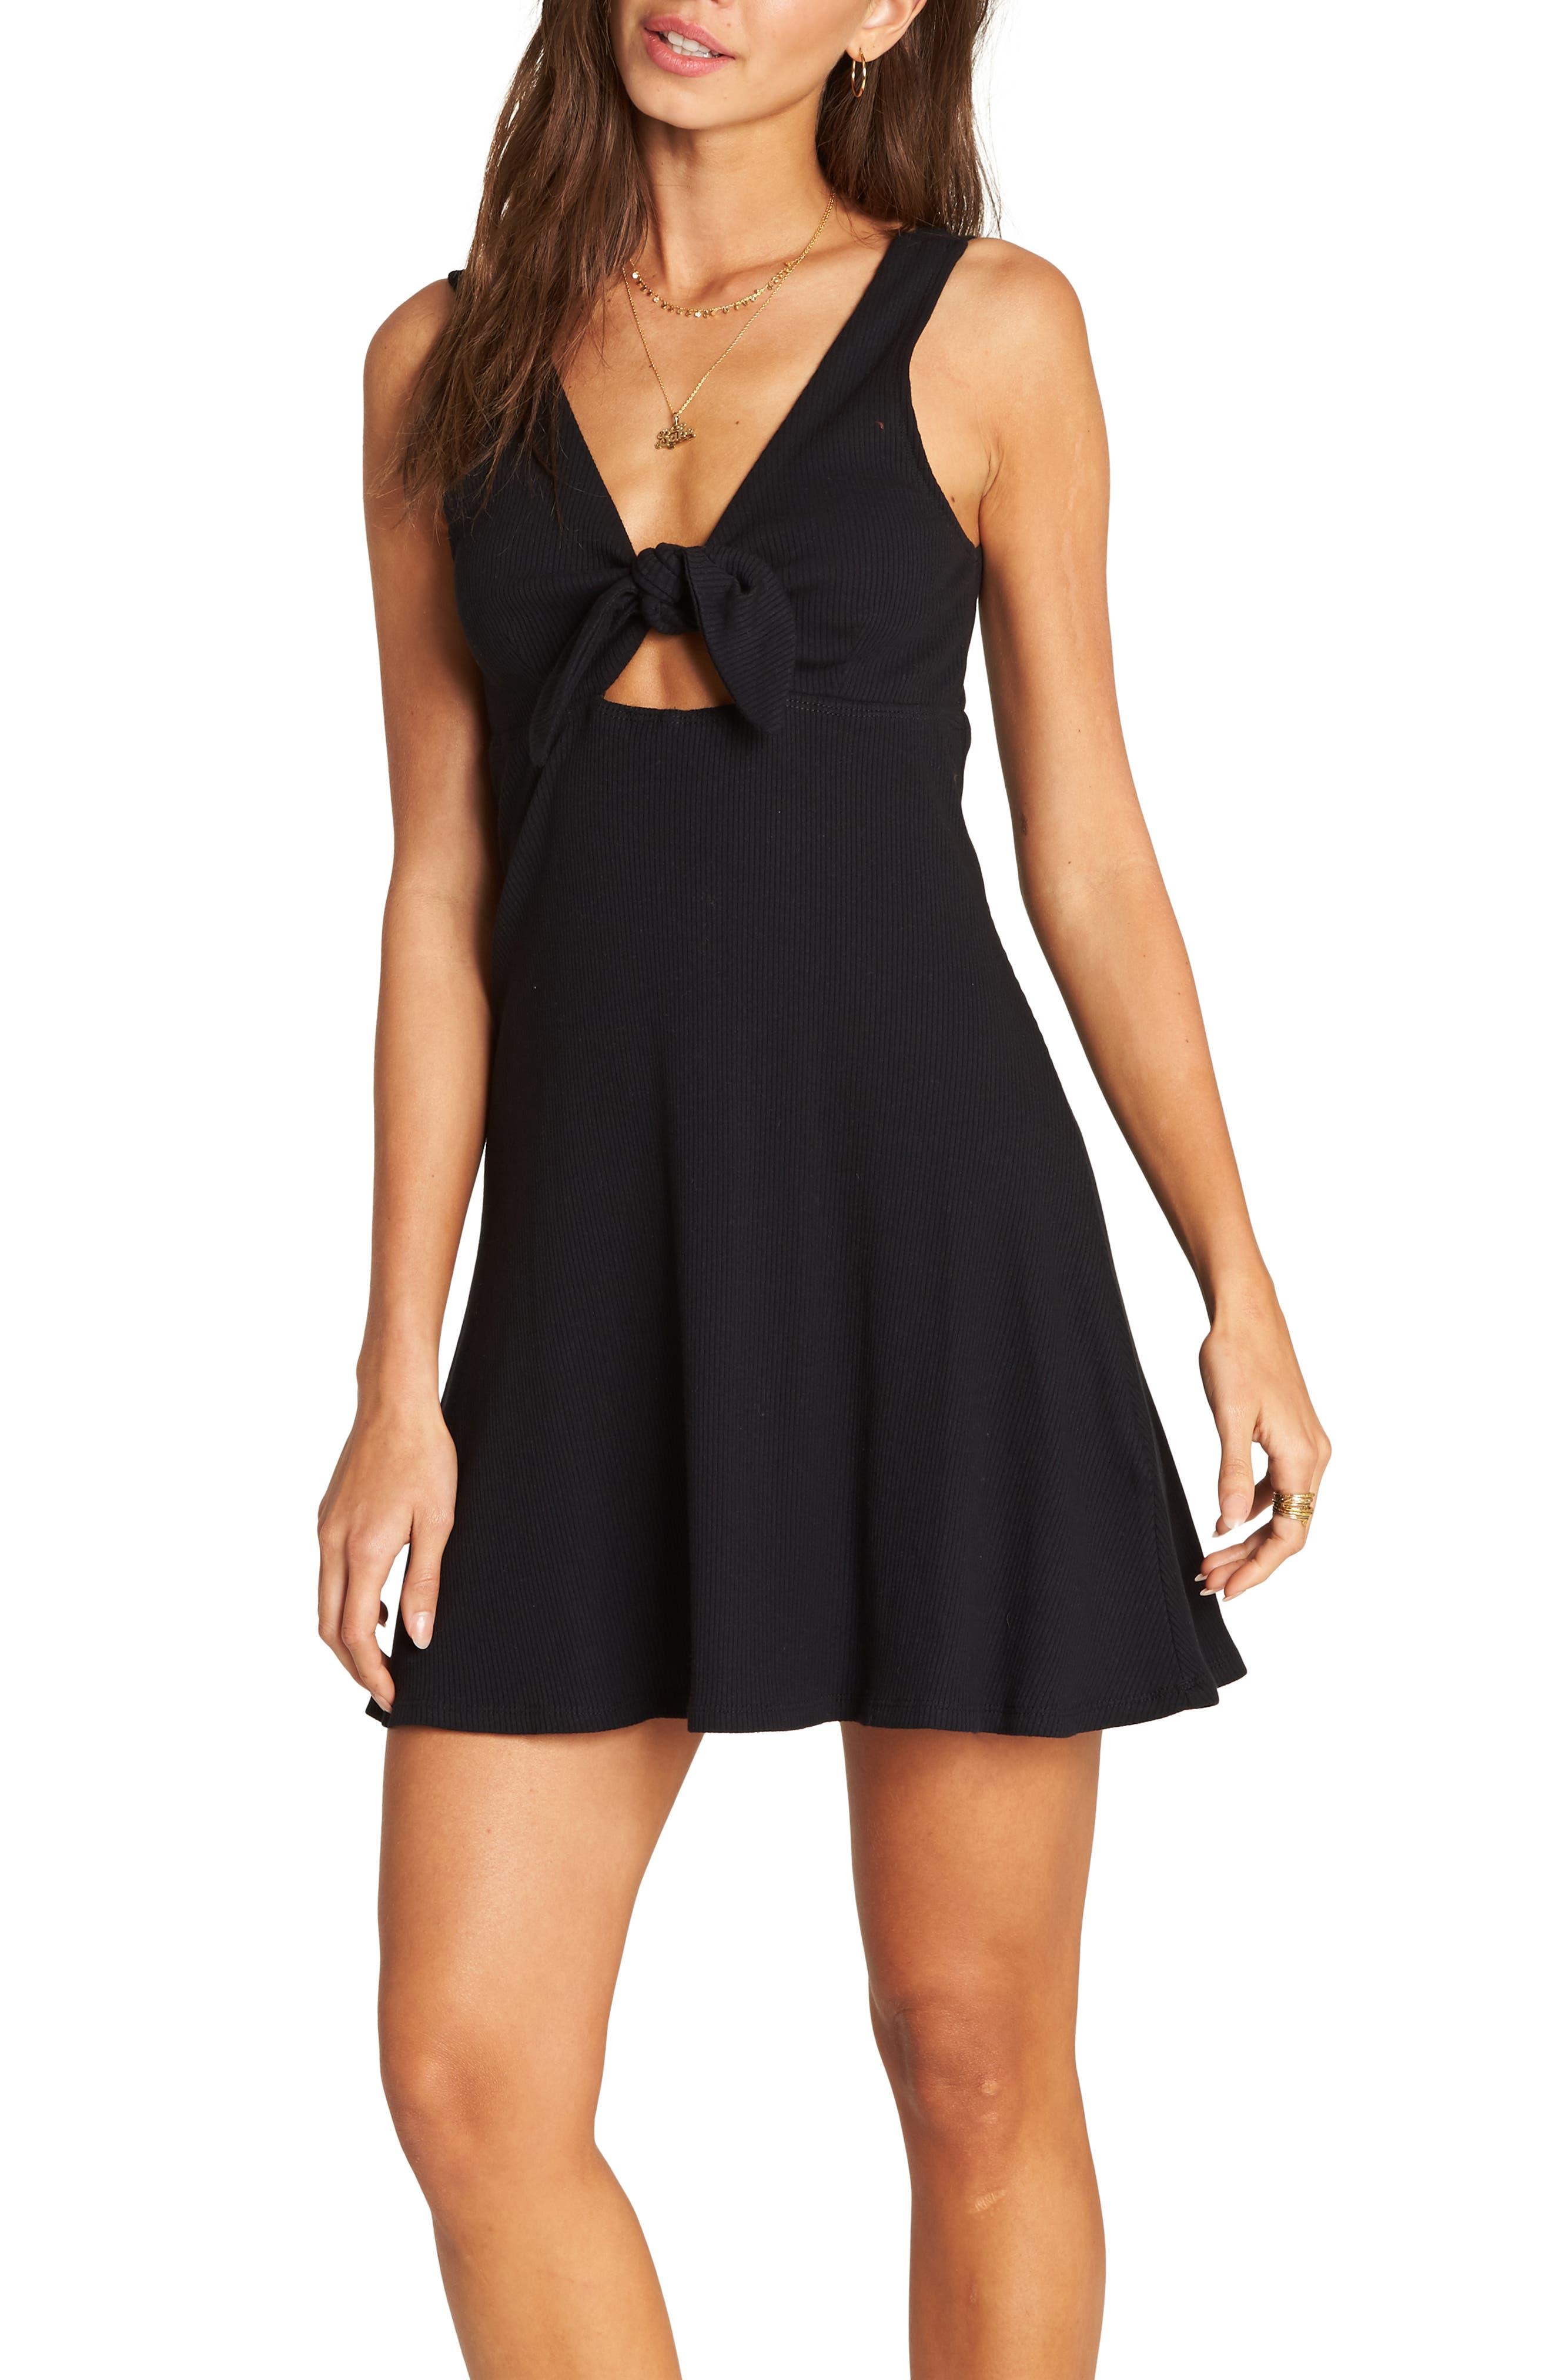 BILLABONG Hola Holiday Cutout Minidress, Main, color, BLACK